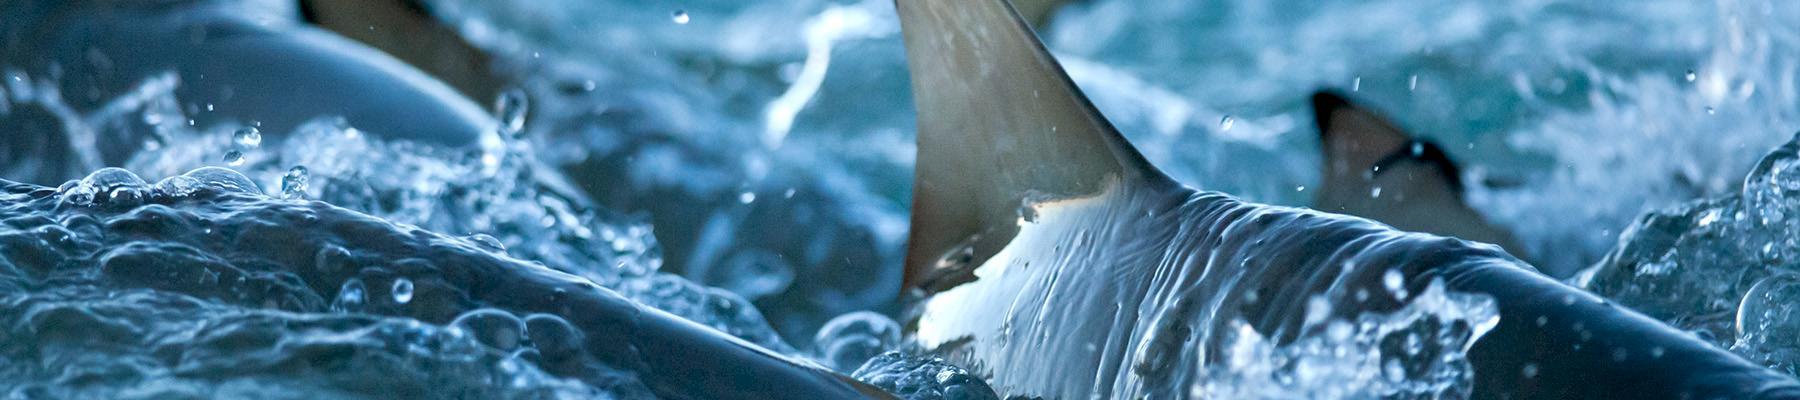 Shark trading system